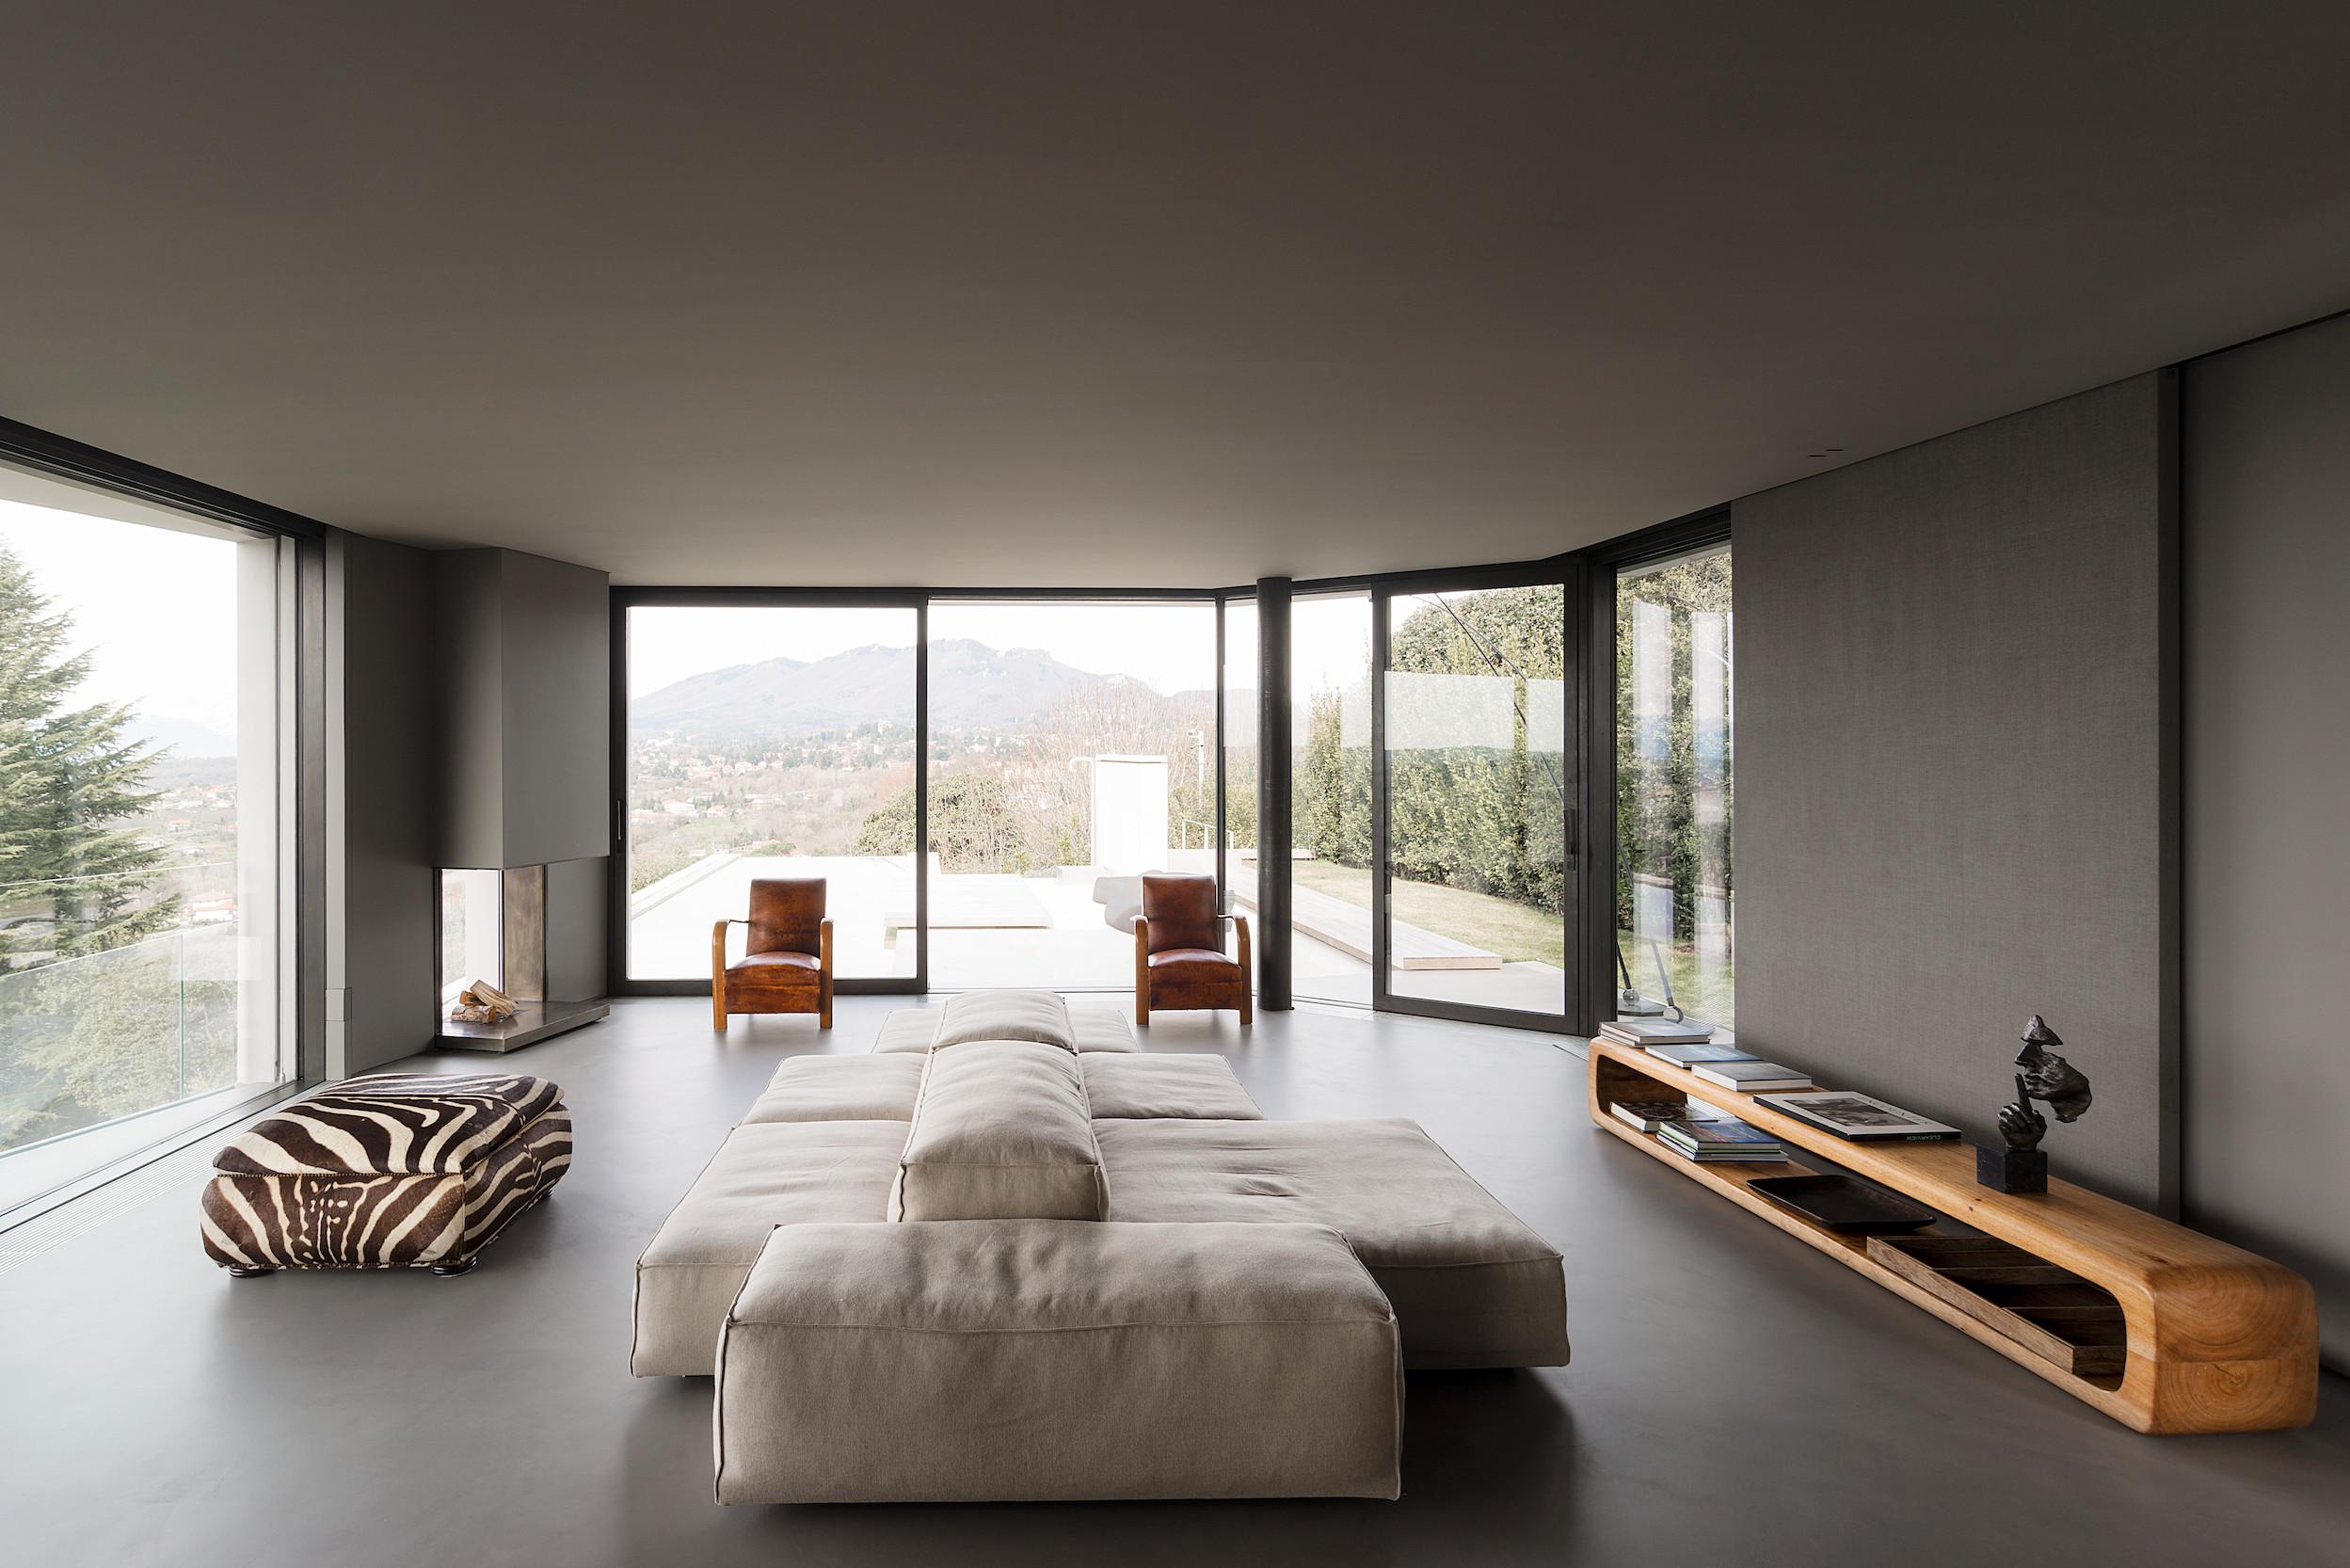 Le case arredate in stile moderno sono solitamente abitazione che riflettono le ultime tendenze in fatto di stile e. Foto E Idee Per Arredare Casa Moderna Settembre 2021 Houzz It